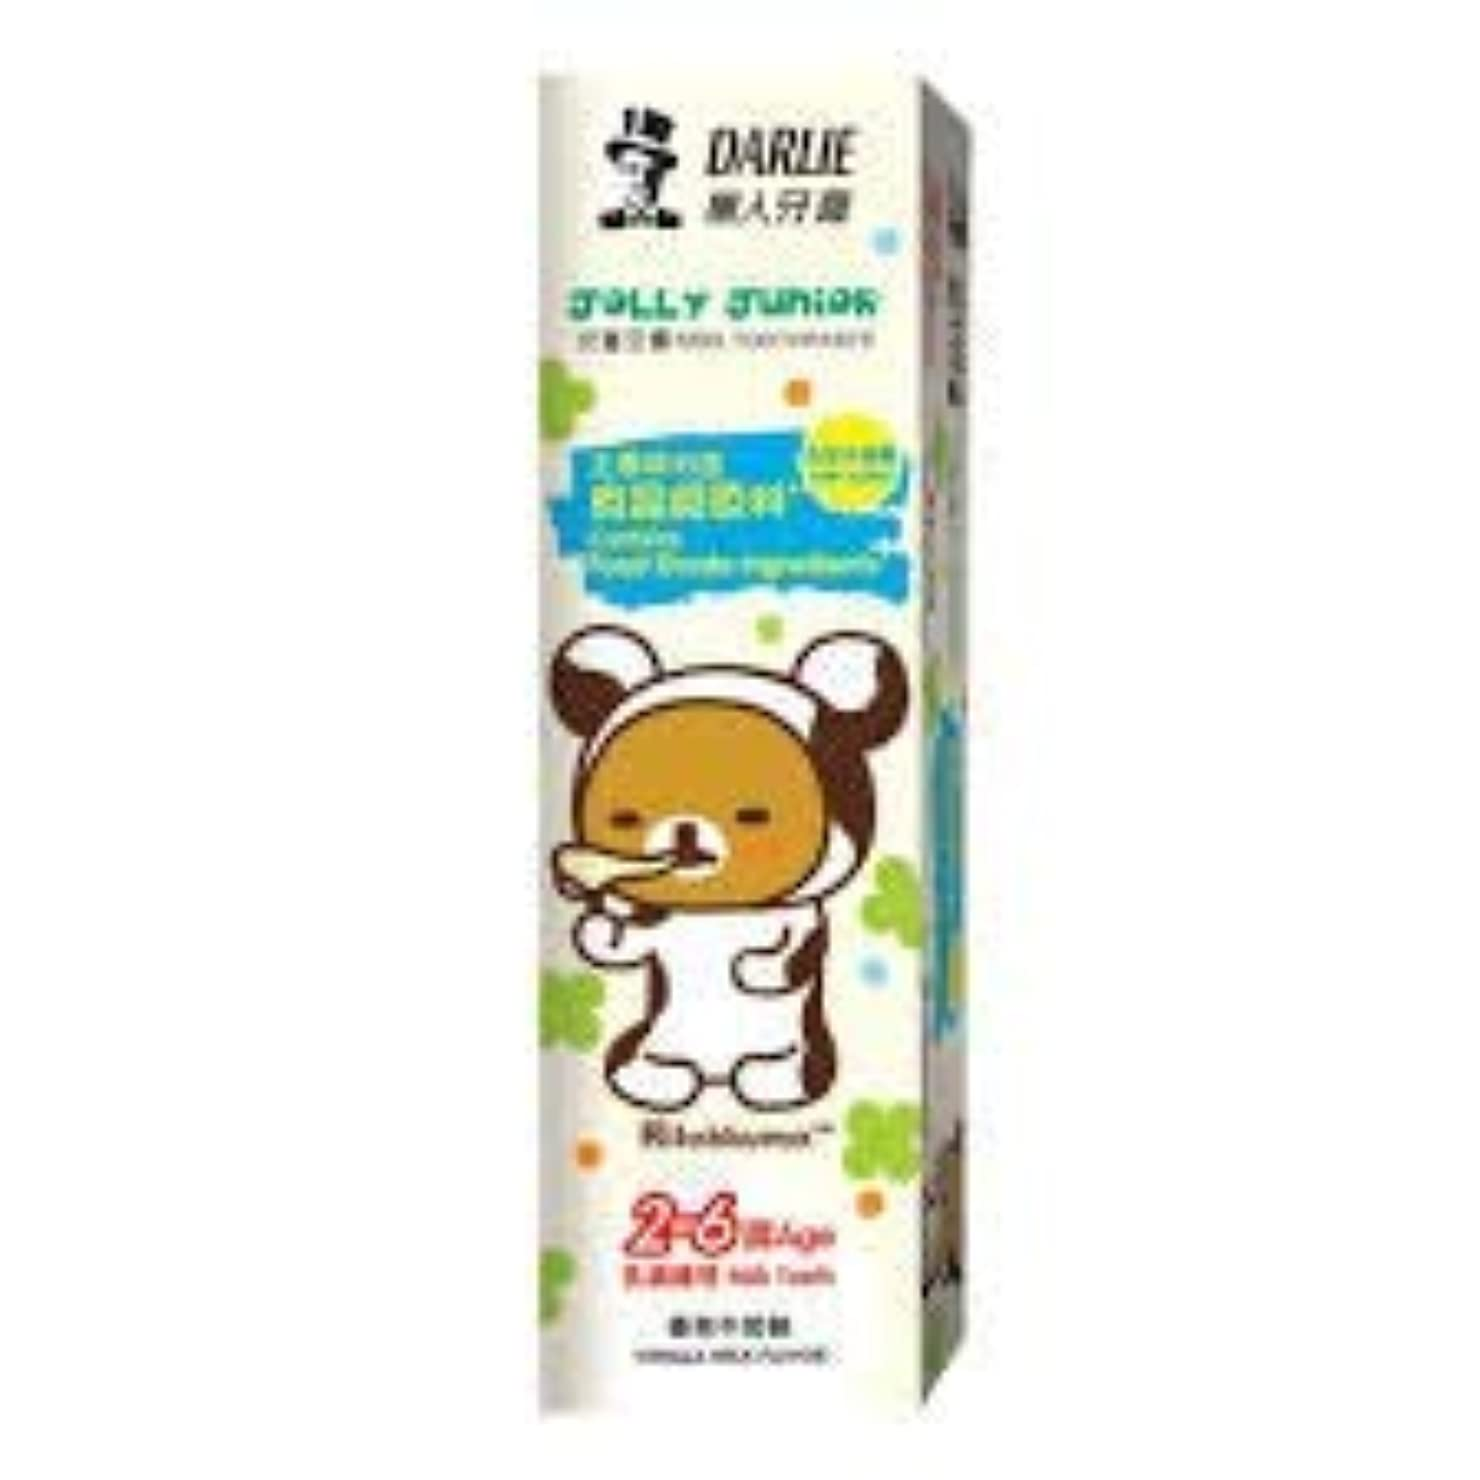 ストレスの多いダム半円DARLIE ハッピーティーンエイジャーの歯磨き粉2-6歳歯磨き粉60グラムバニラミルクは - 虫歯を防ぐためにキシリトールを含む、ミルクの歯と準備して子供たちに仕出し料理されます